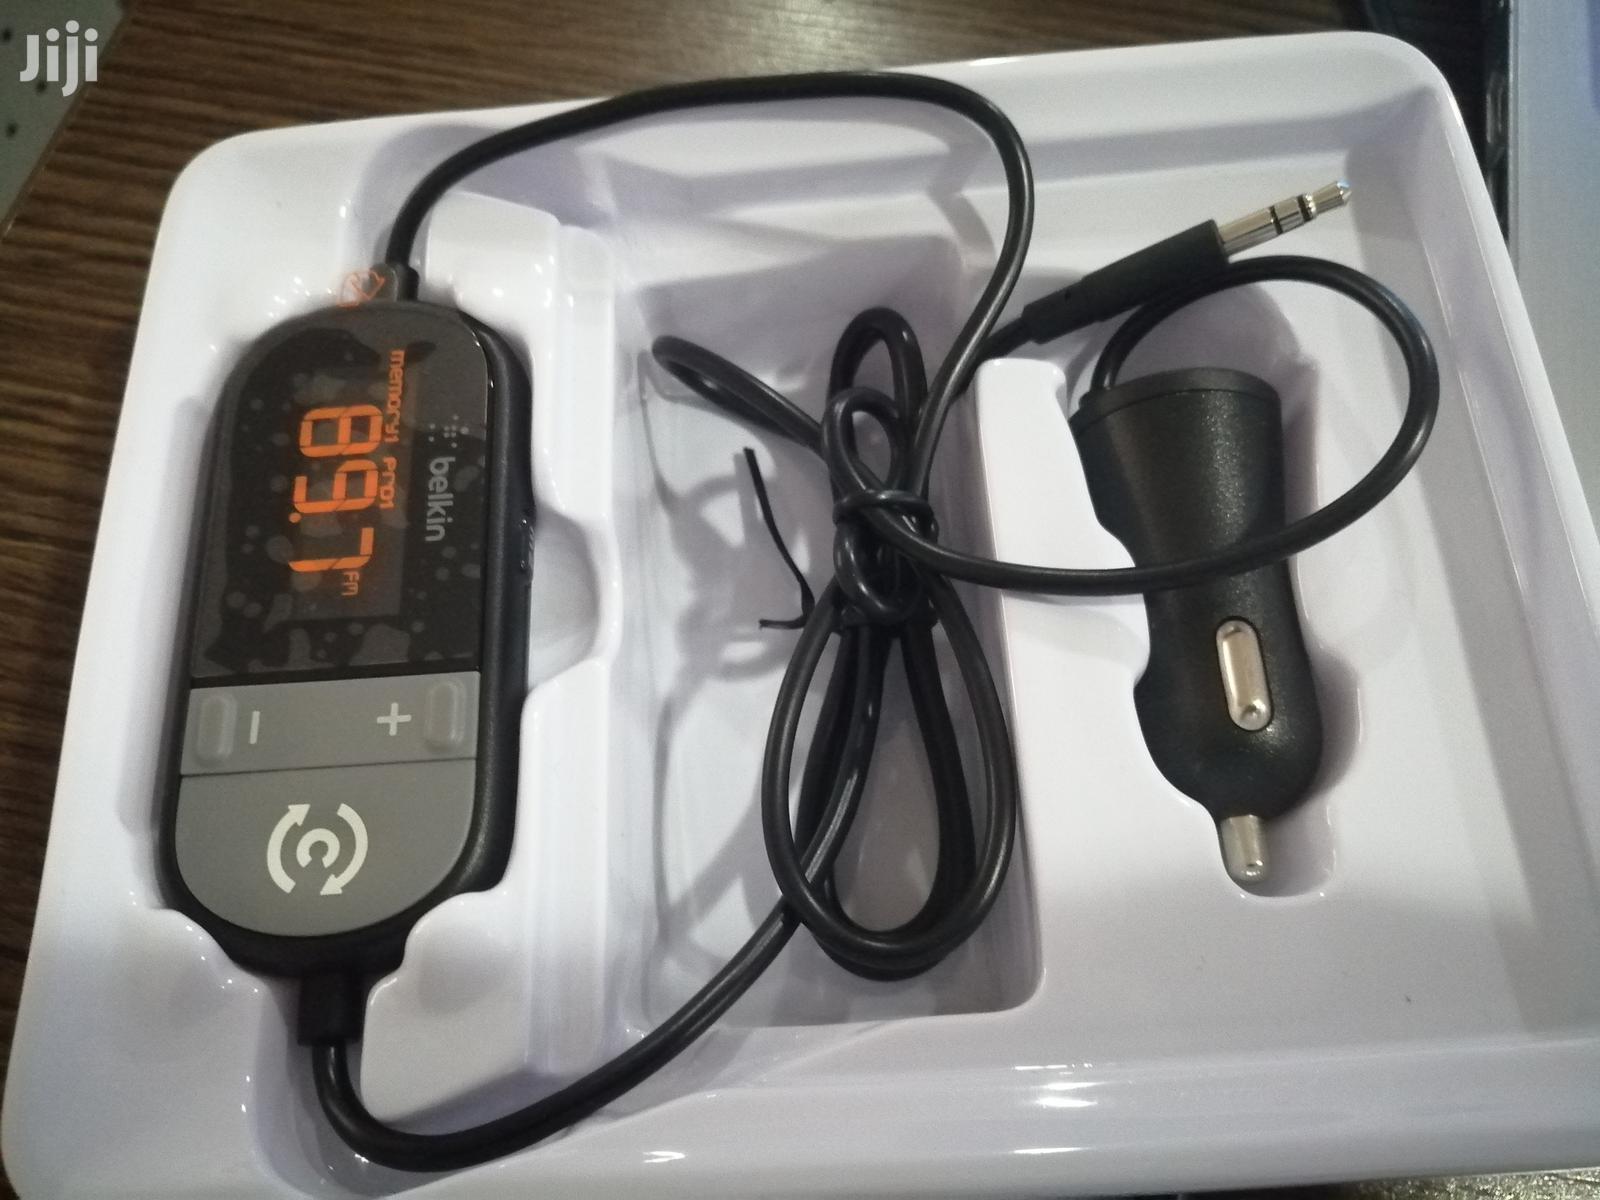 Belkin Car FM Transmitter